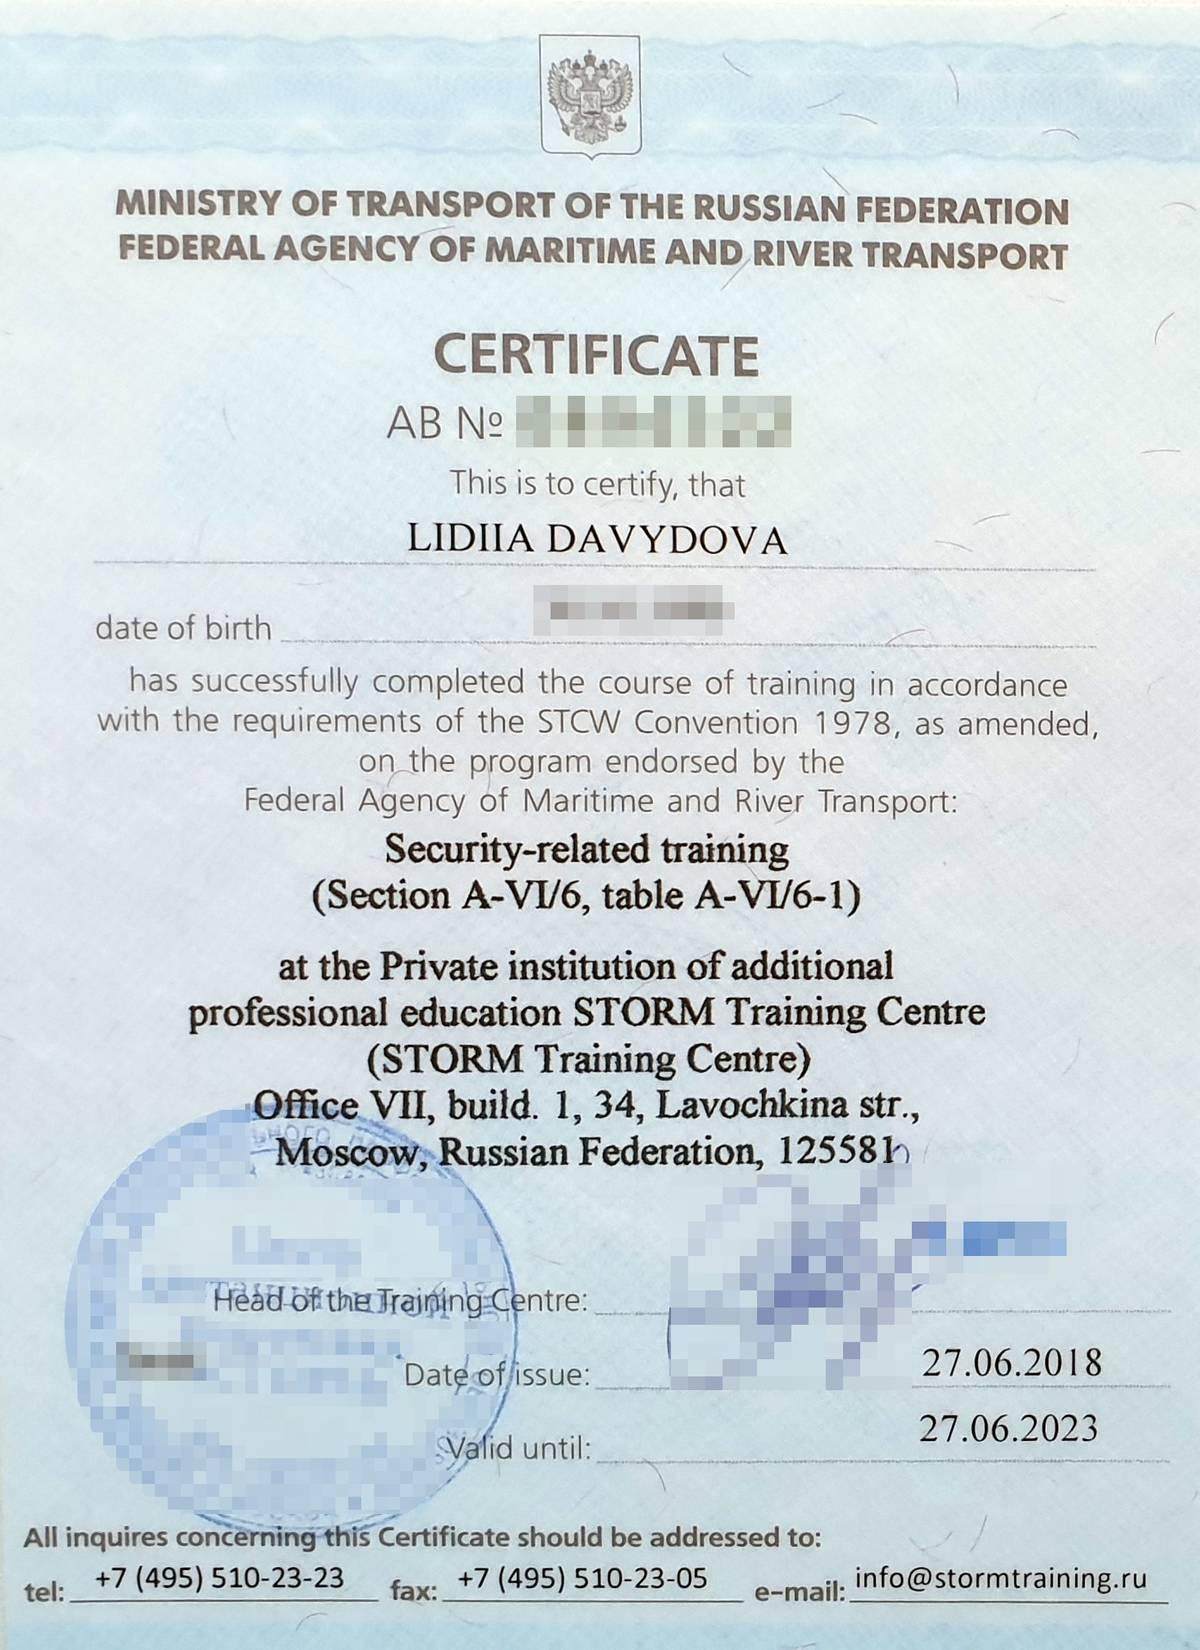 Так выглядит сертификат по безопасности дляморяков